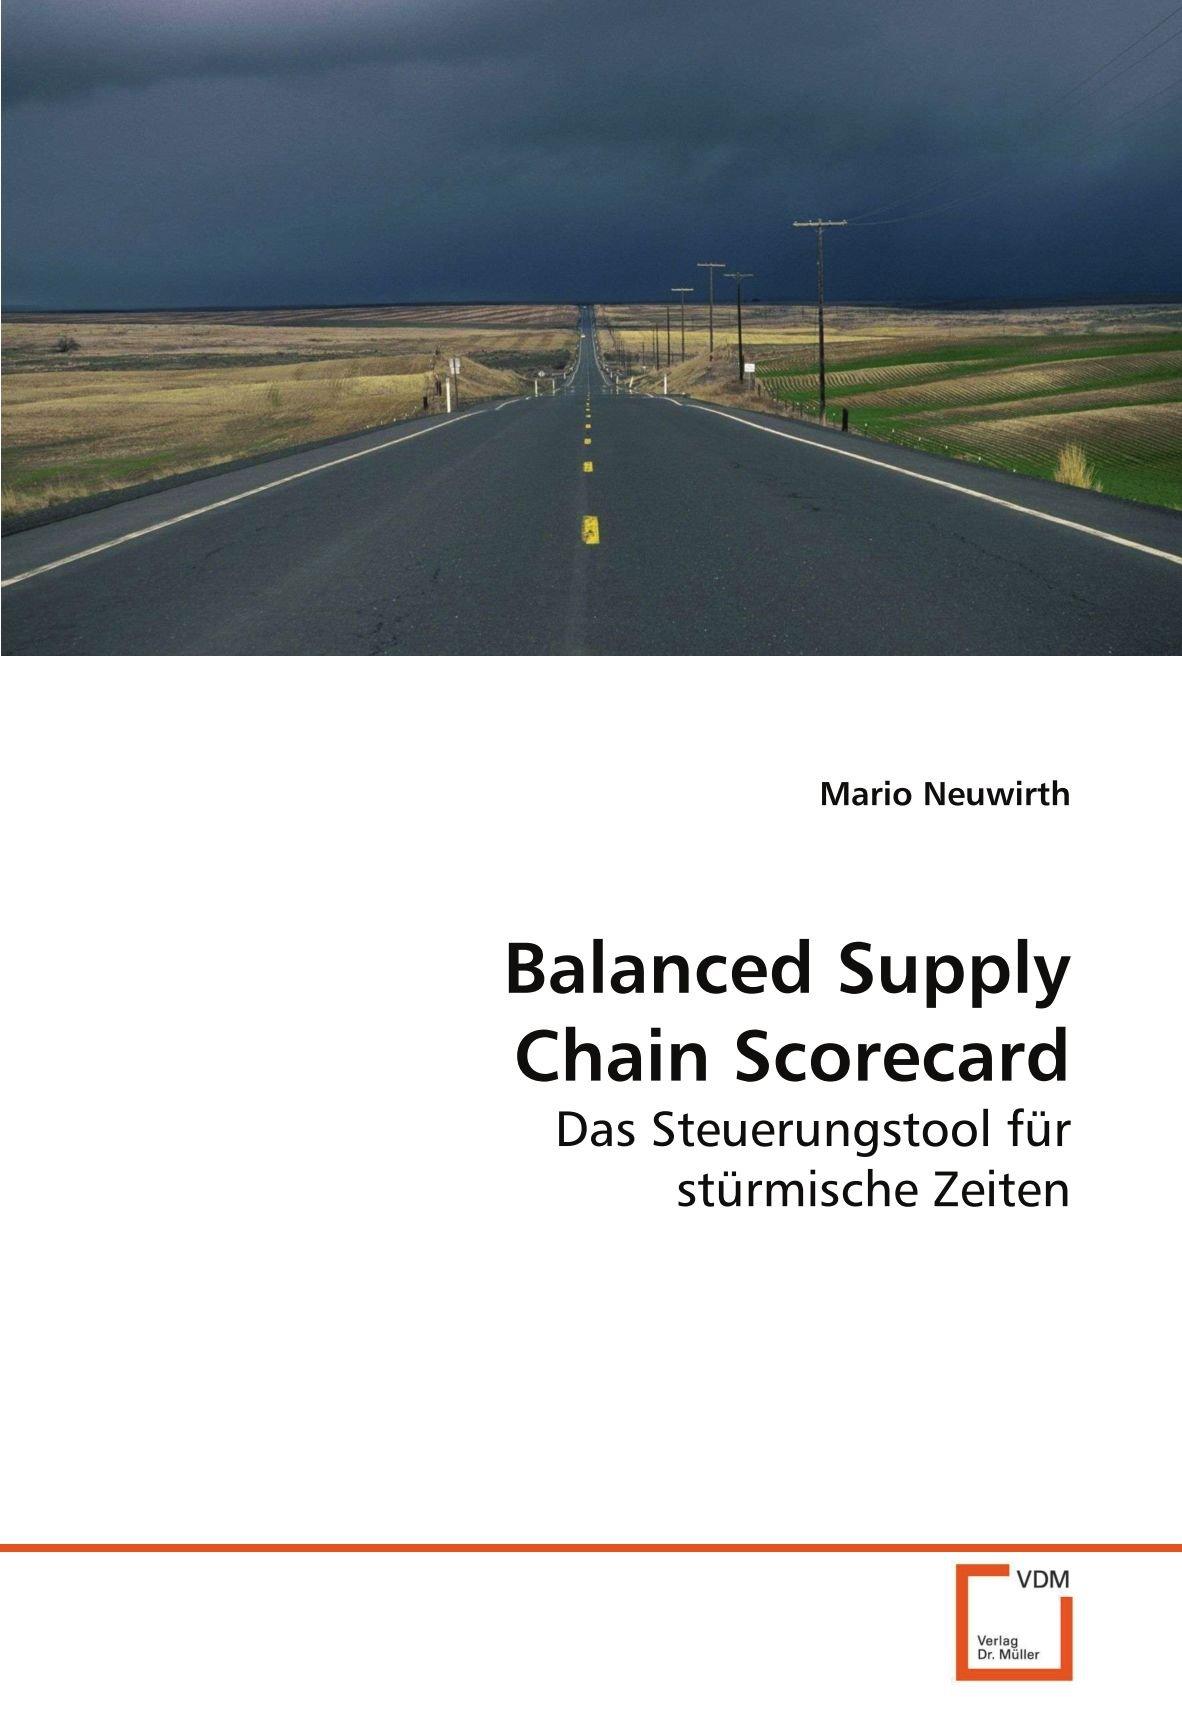 Balanced Supply Chain Scorecard: Das Steuerungstool für stürmische Zeiten